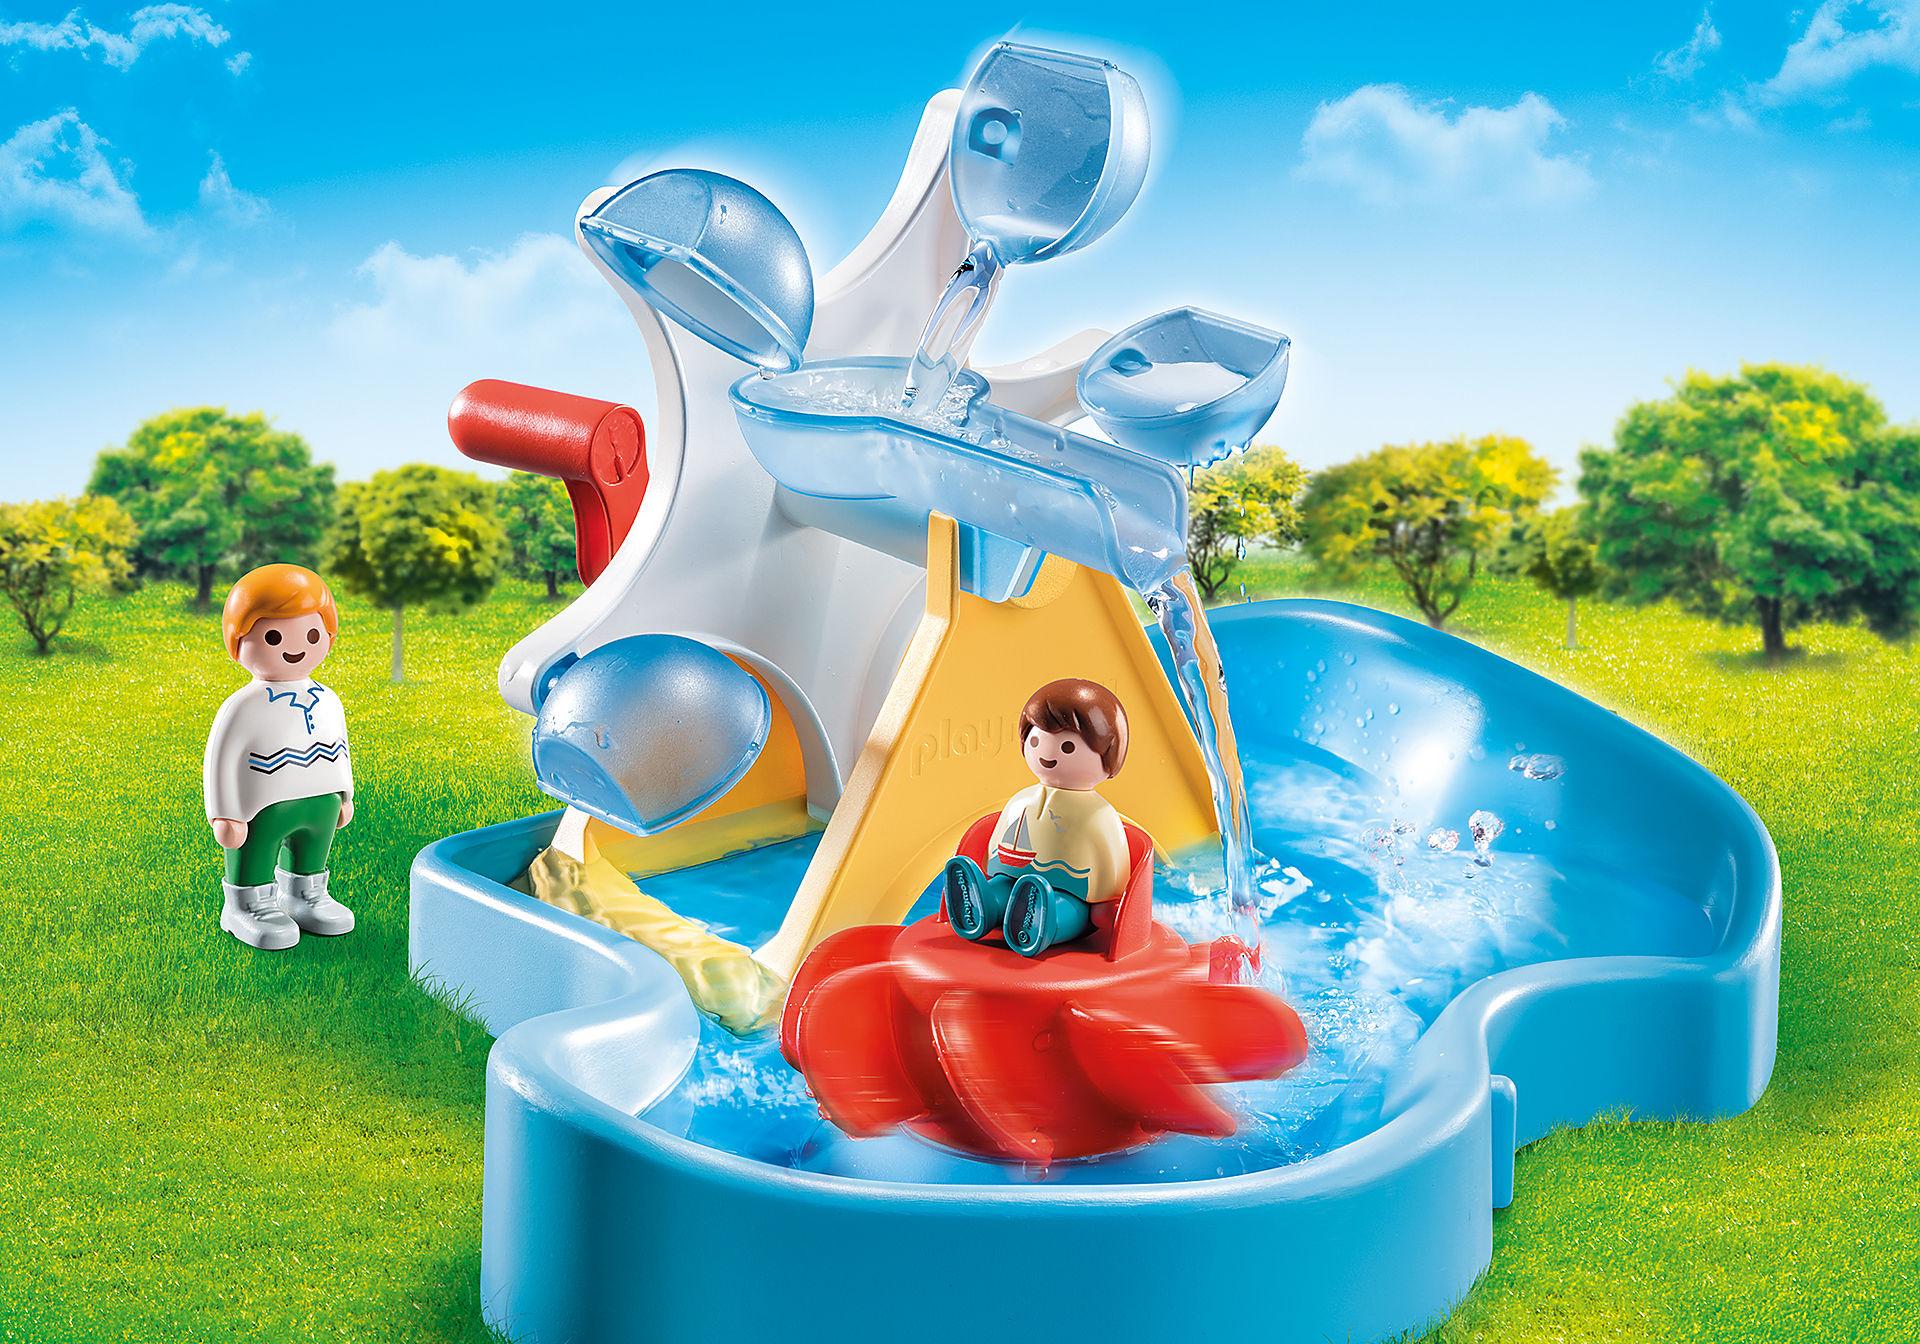 70268 Wasserrad mit Karussell zoom image1